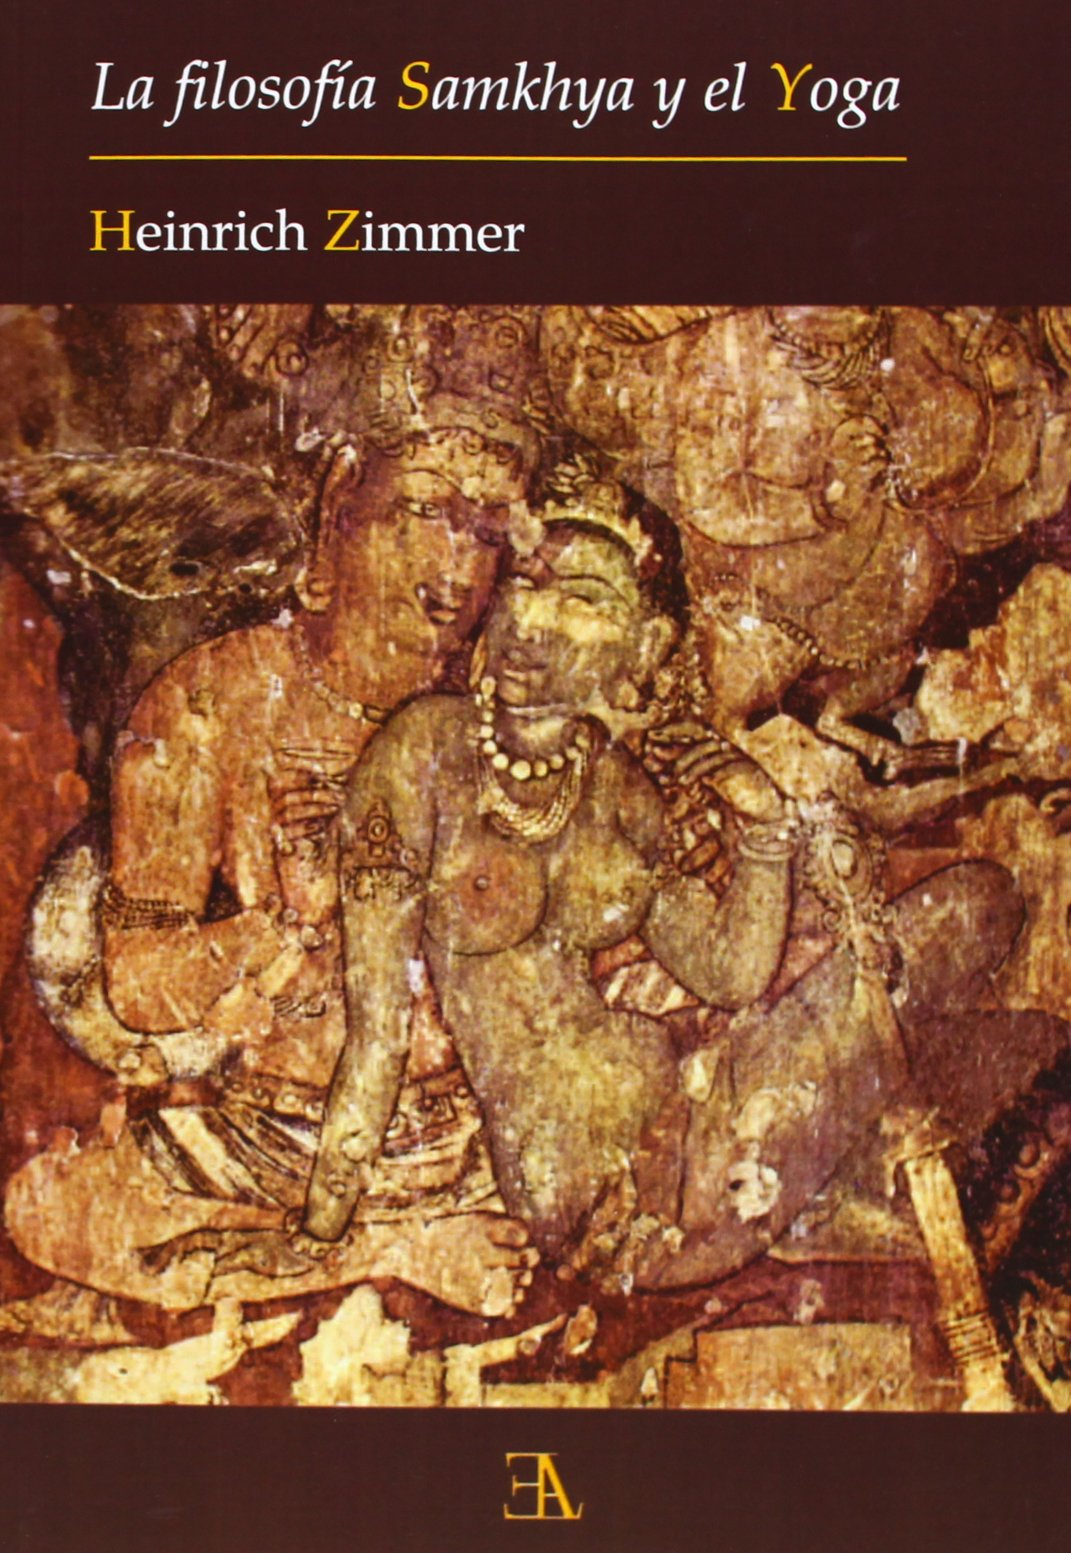 La filosofía Samkhya y el yoga: Heinrich Zimmer ...